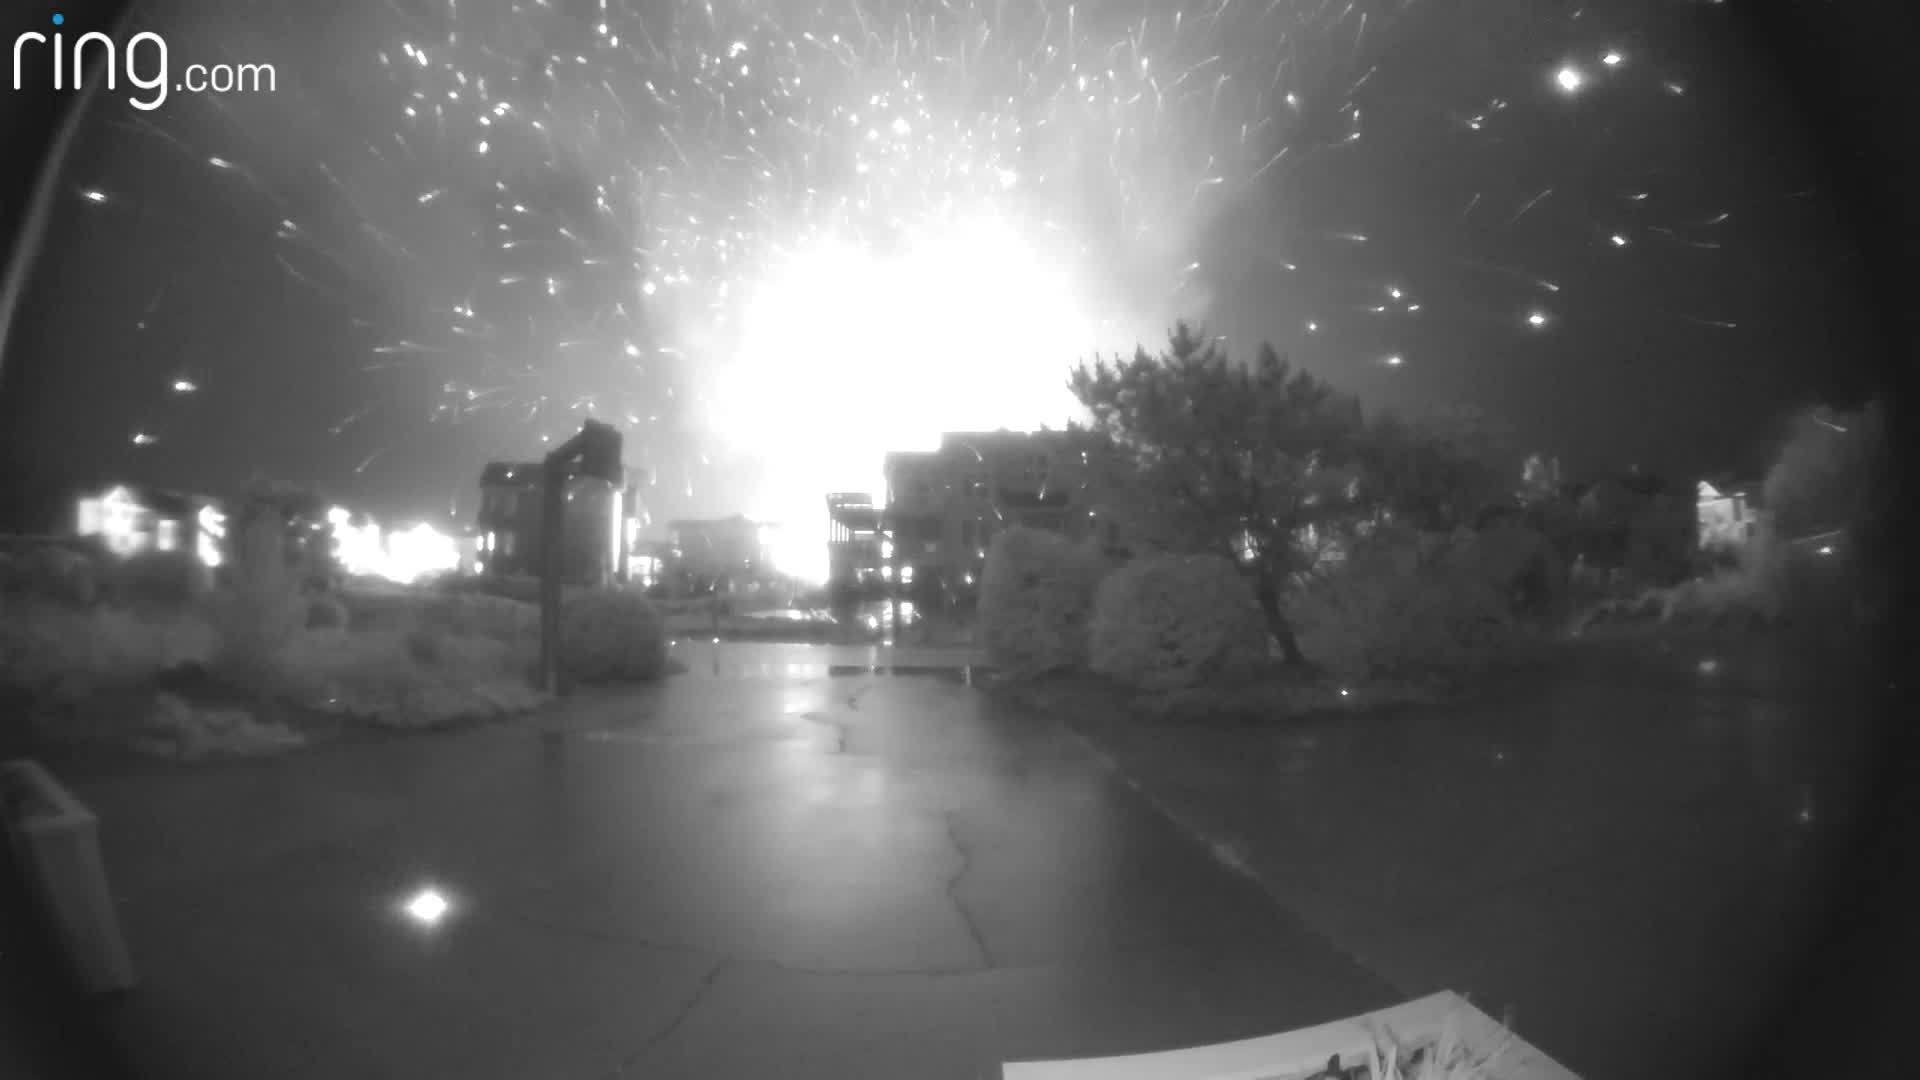 Doorbell_camera_captures_OBX_fire_7_20181113230021-873703993